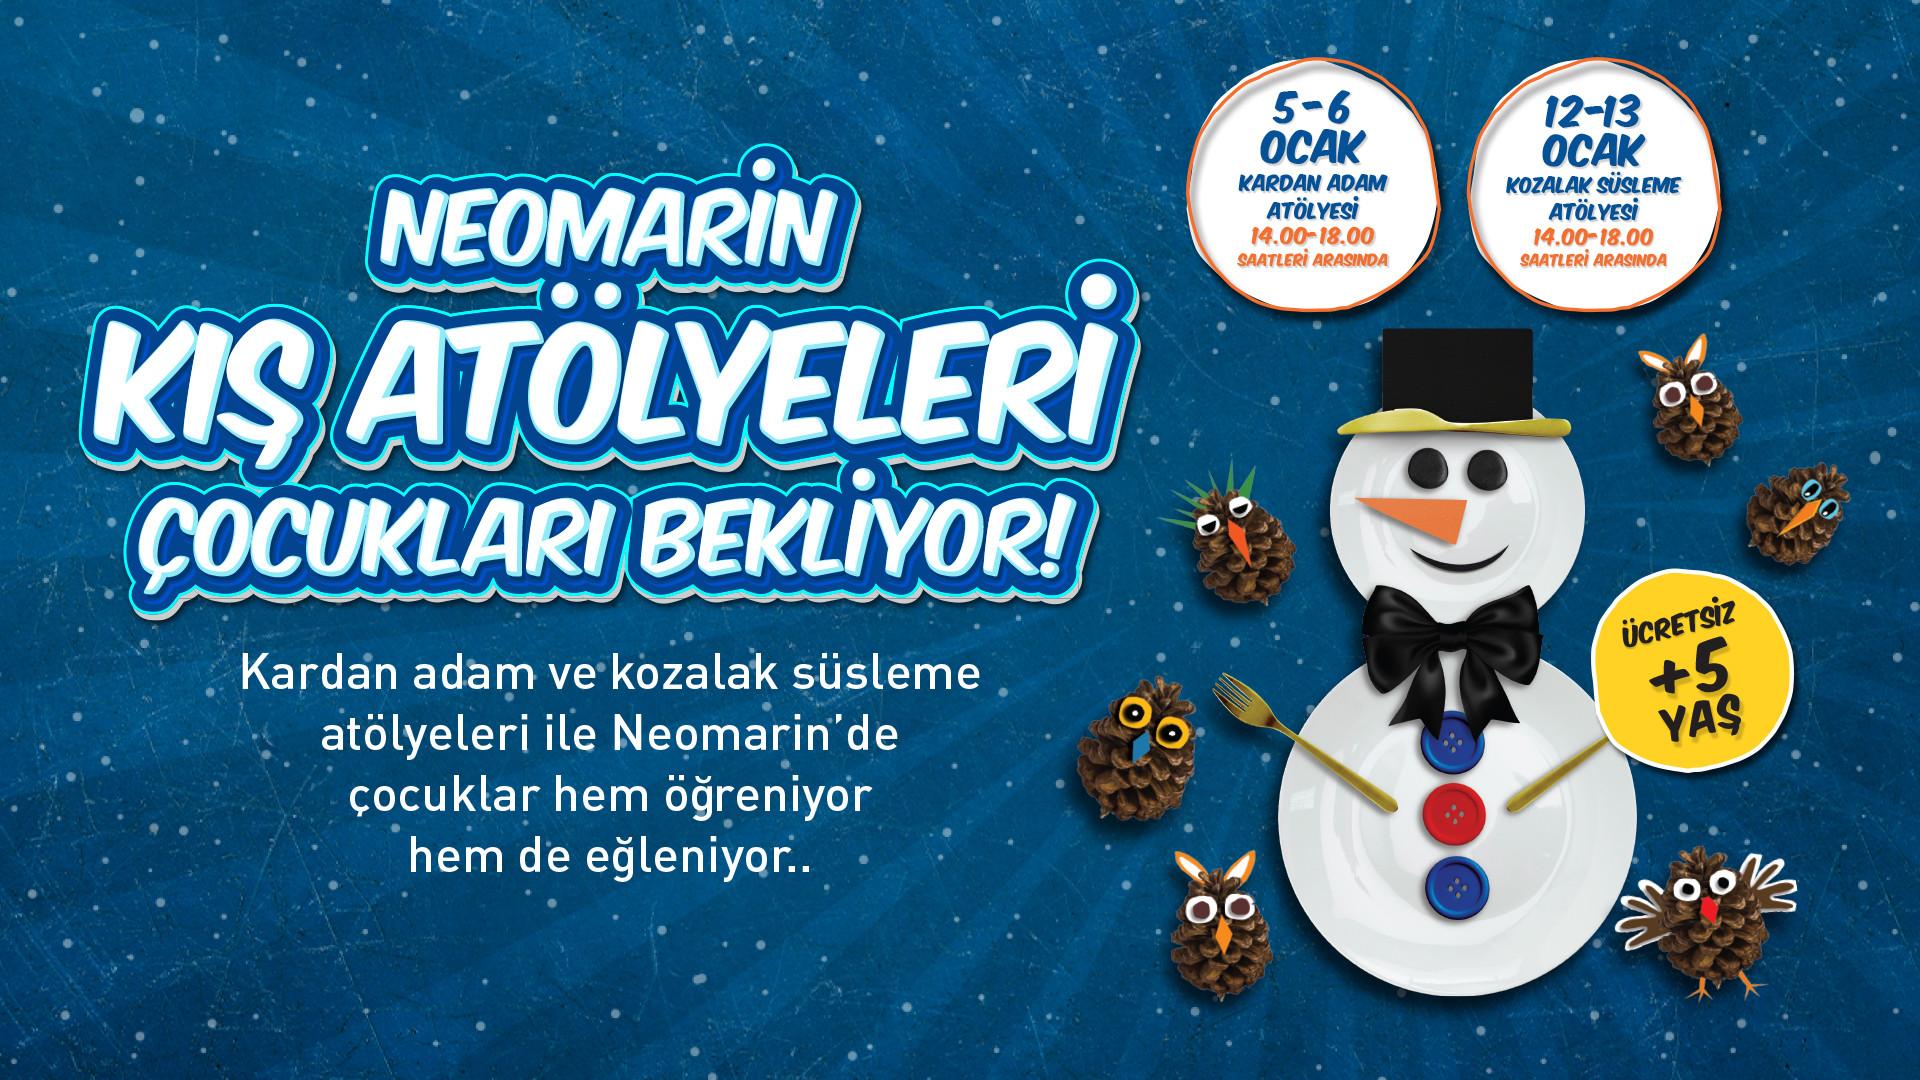 Neomarin Kış Atölyeleri Çocukları Bekliyor!